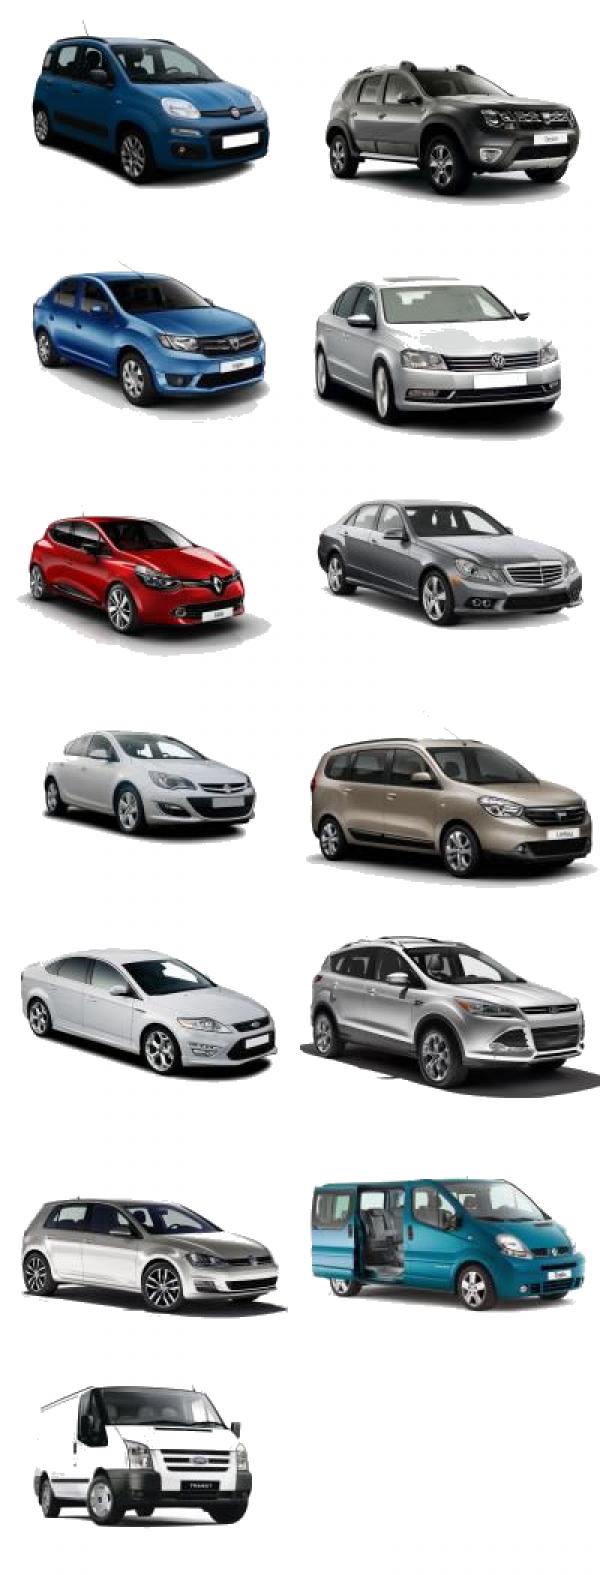 rent_a_car.fw